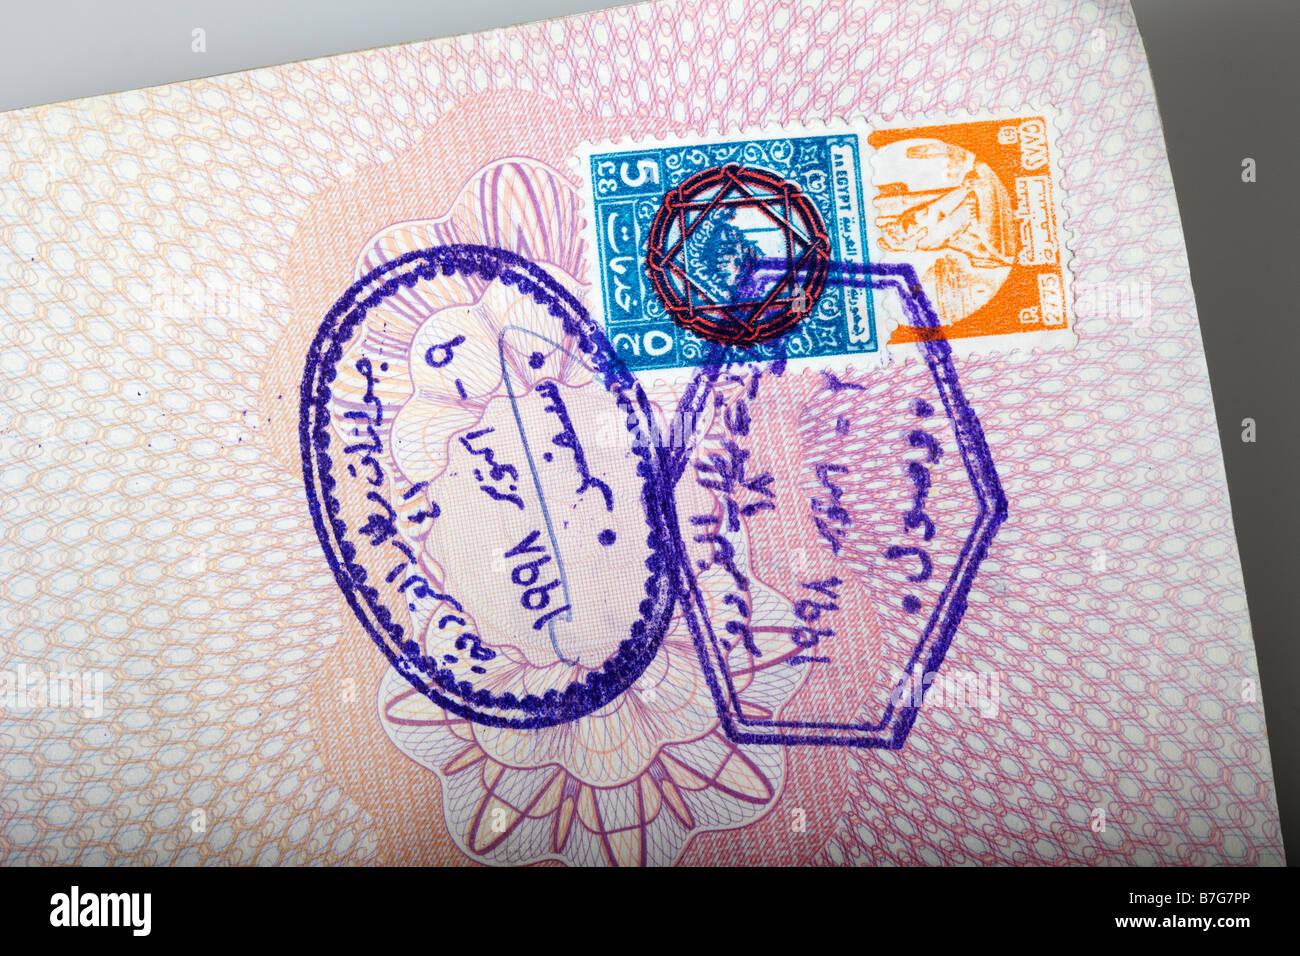 Passport Stamp - Stock Image